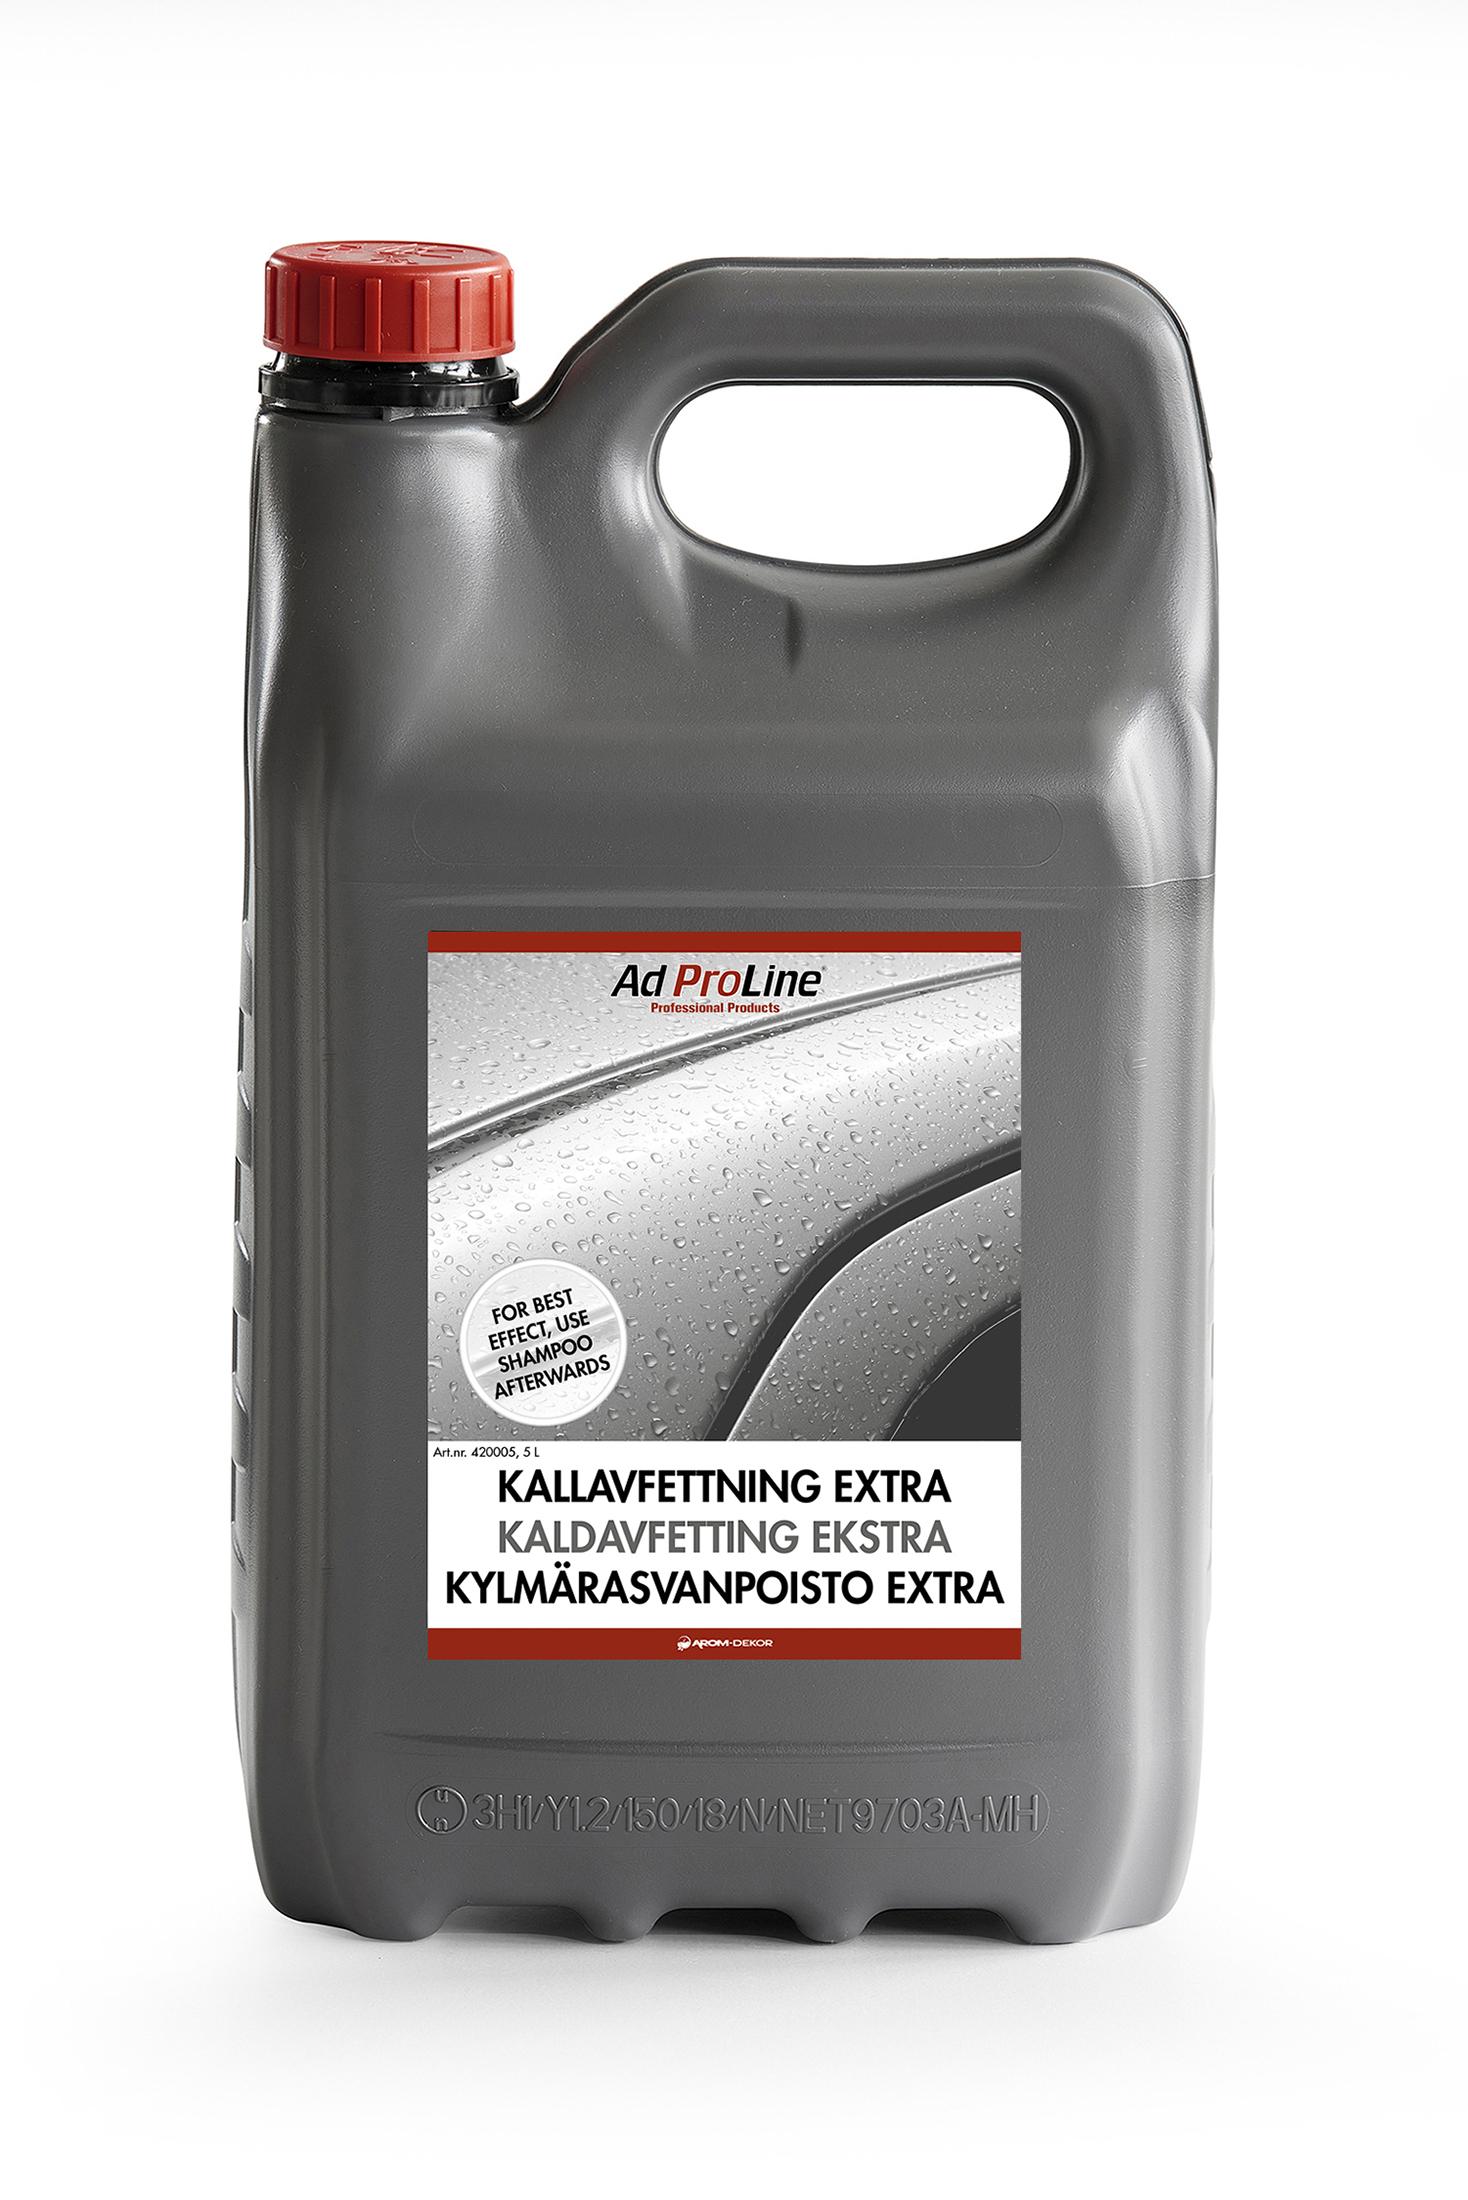 AdProLine Kallavfettning Extra 5 L